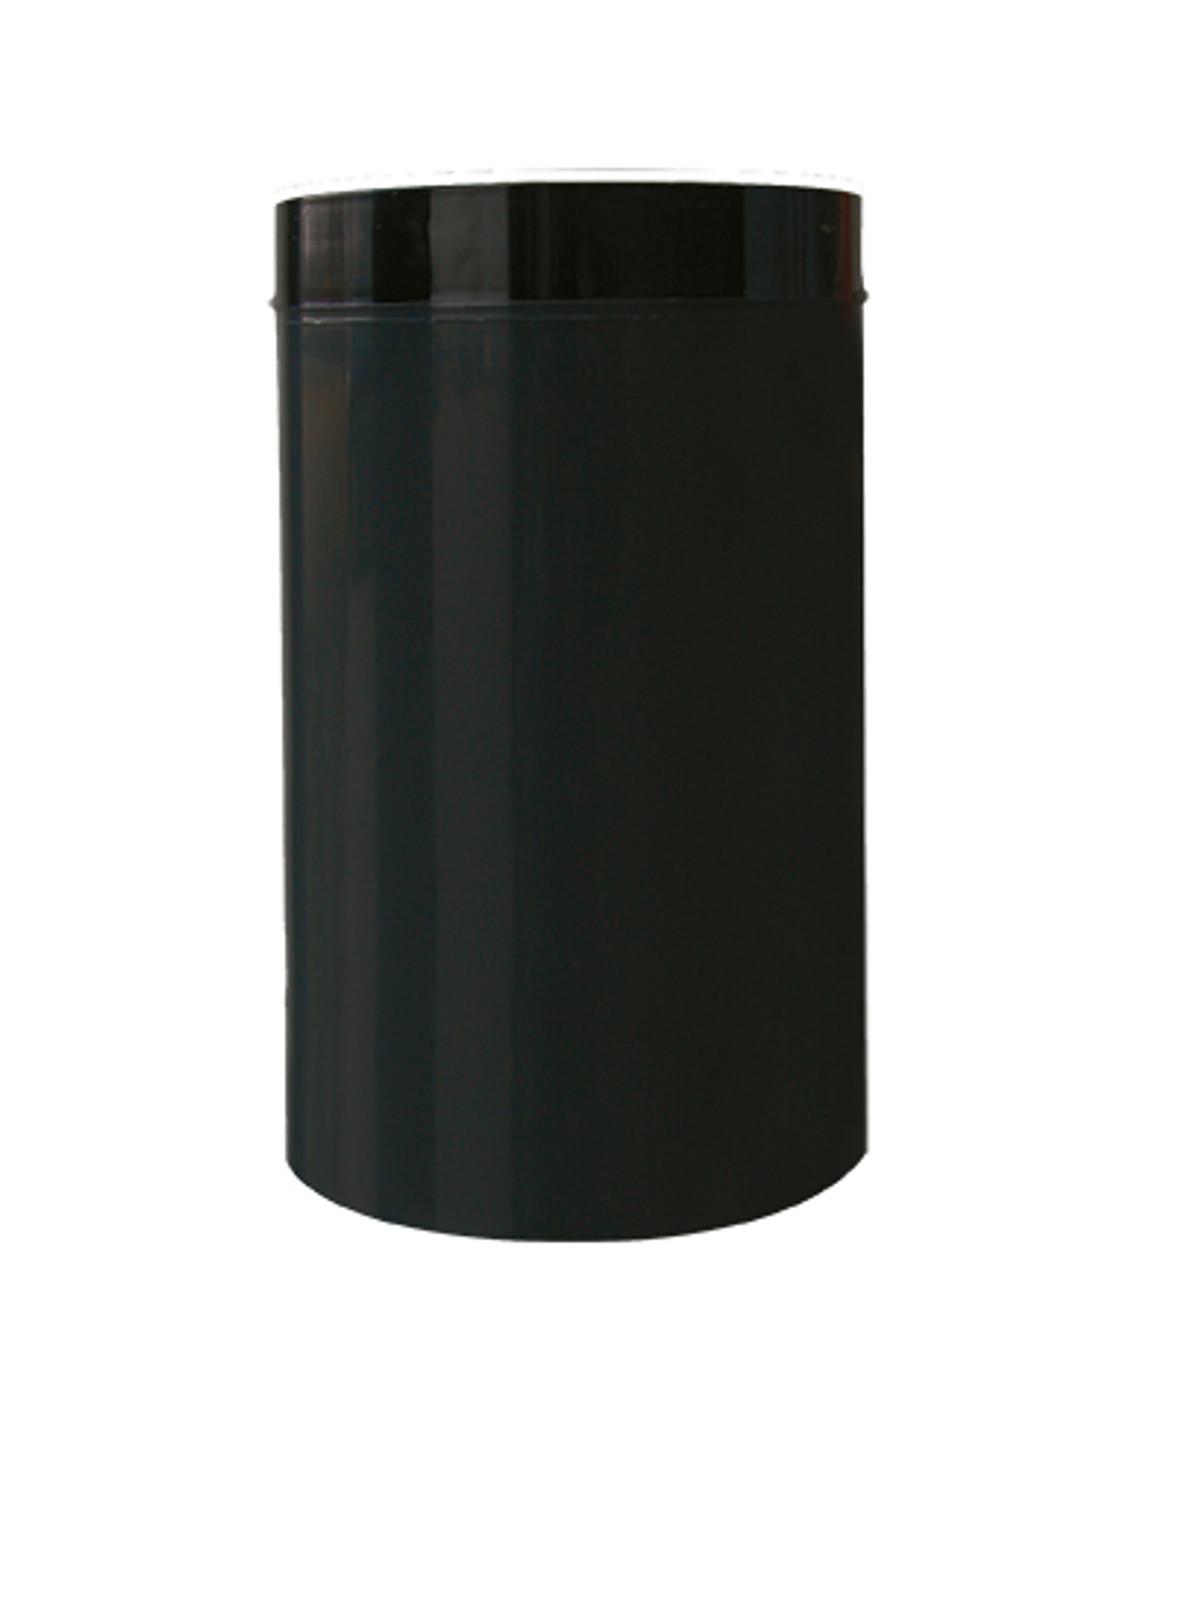 Schwimm Skimmer inkl. Reduzierung 160/110 mm – Bild 1